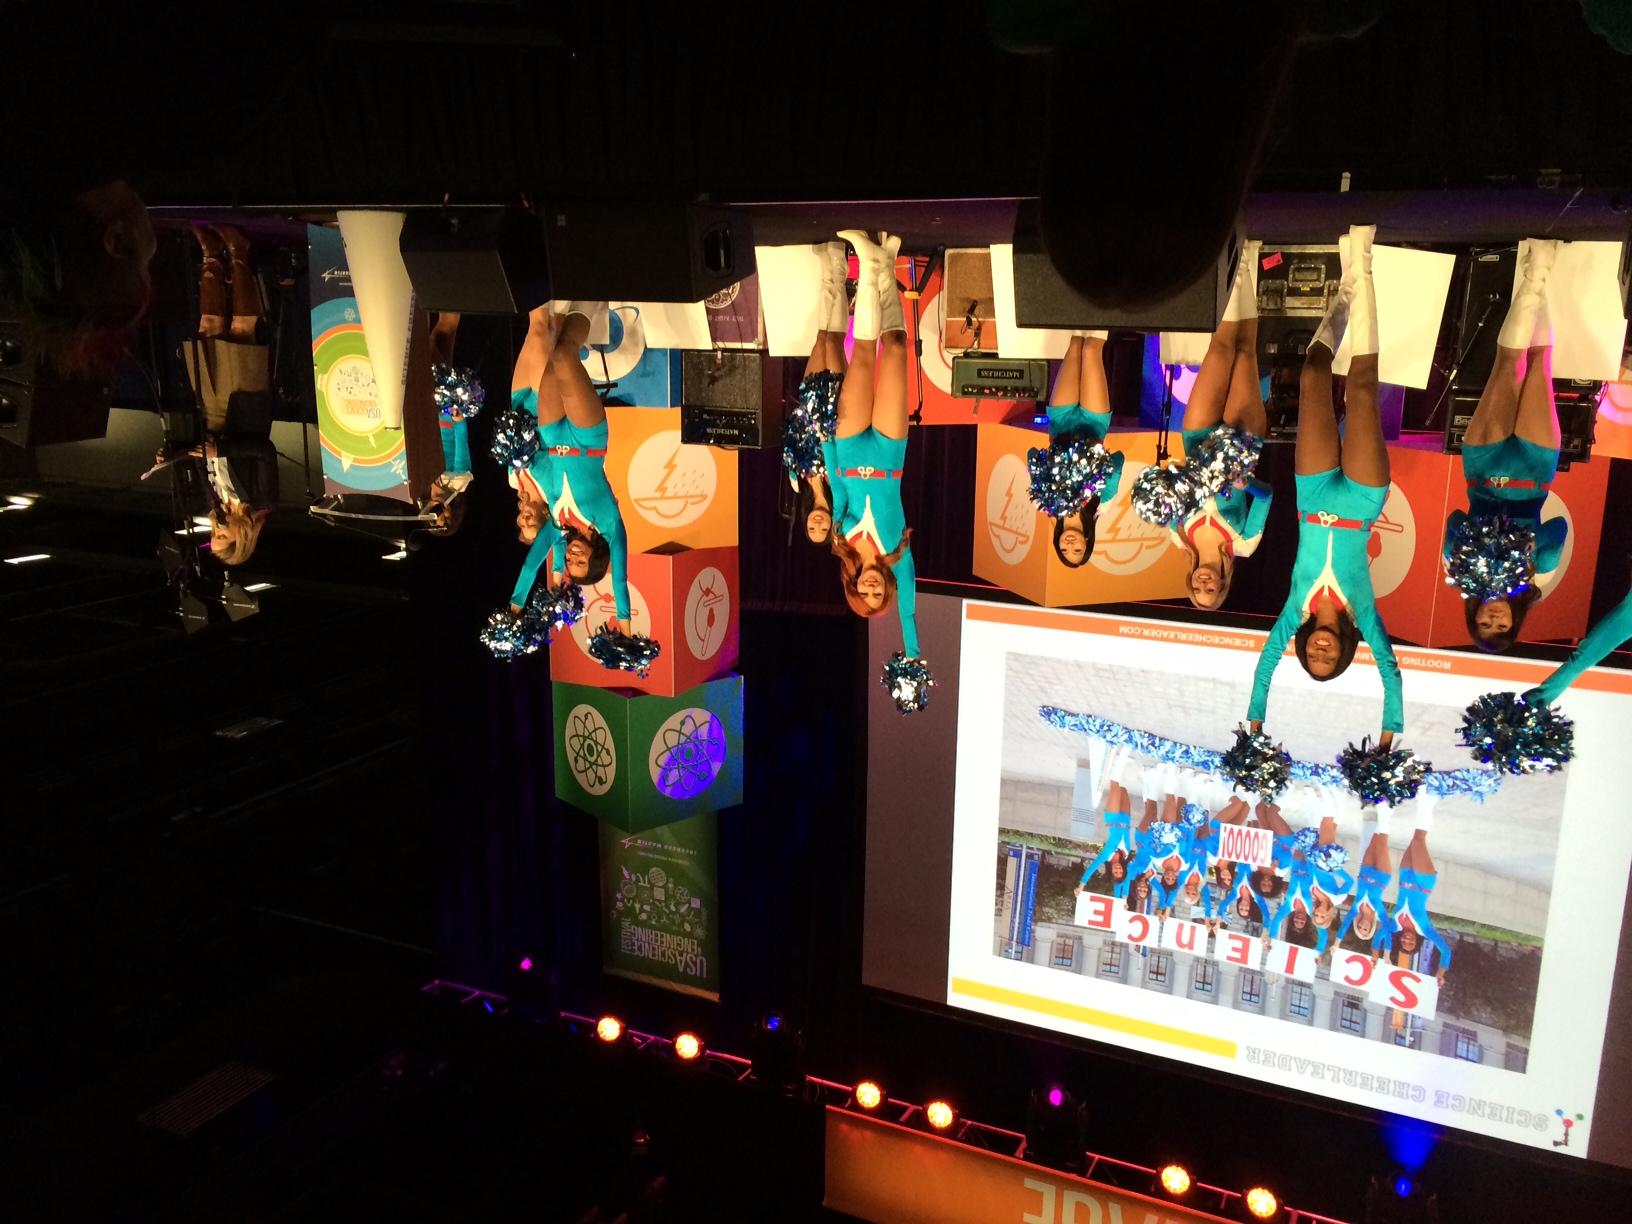 Looking back at Science Cheerleader performances